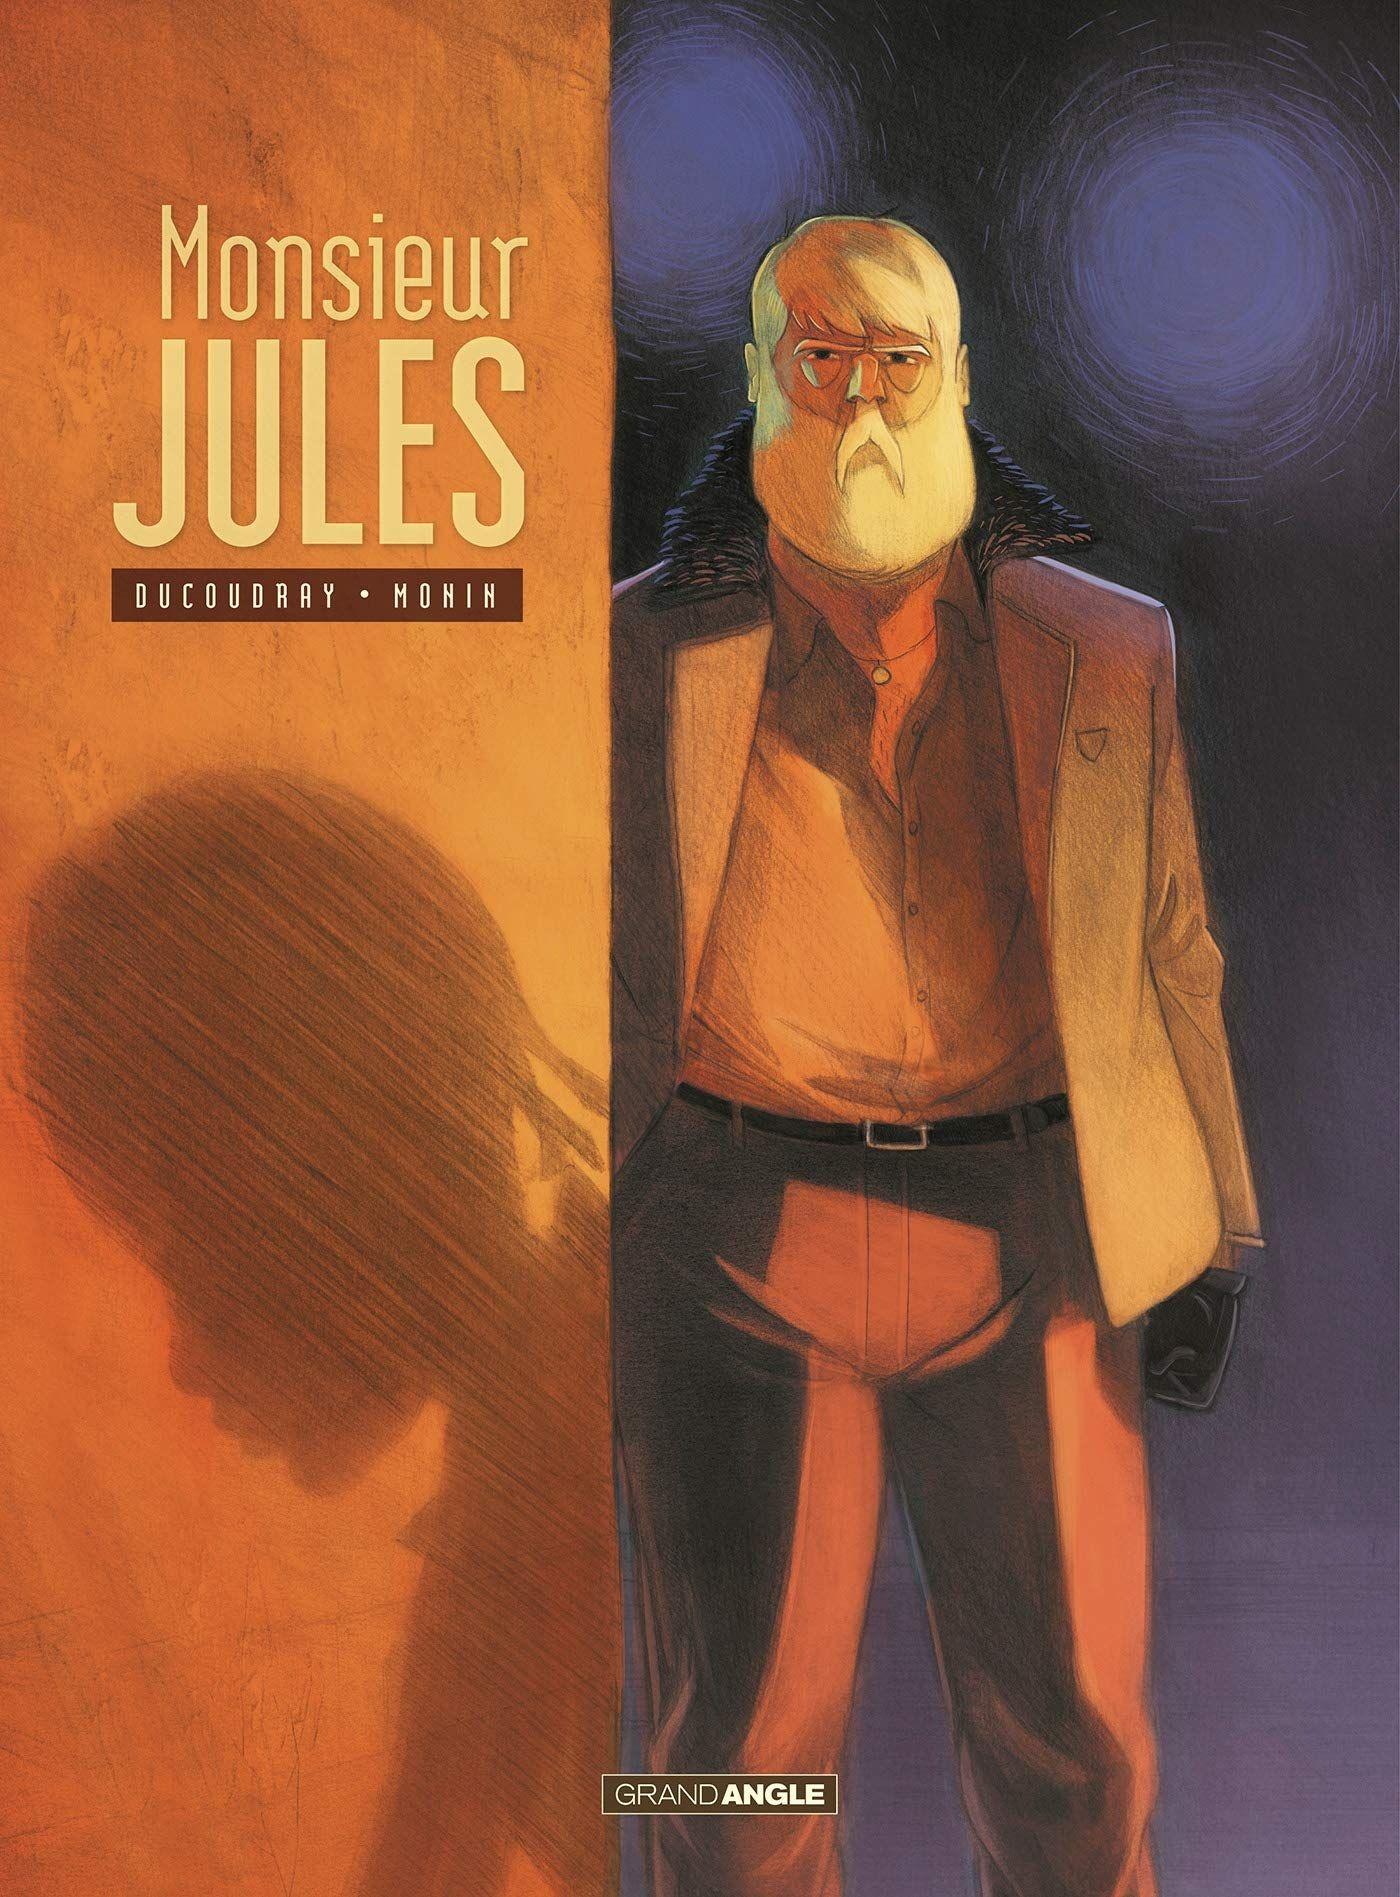 """""""Monsieur Jules"""" d'Aurélien Ducoudray et d'Arno Monin : finir en beauté après une vie gâchée, la rédemption est-elle toujours possible ?"""